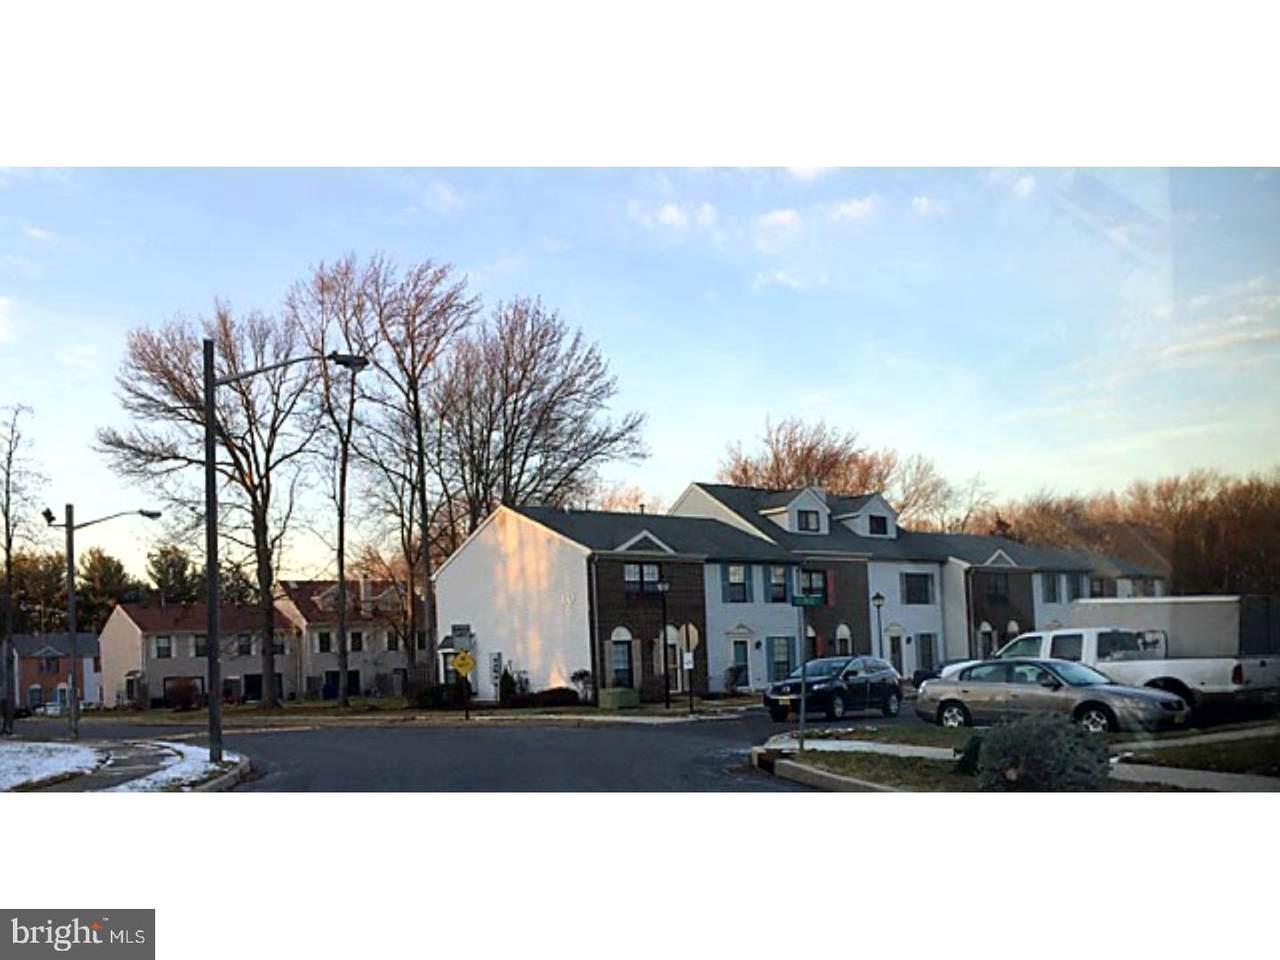 6 Breckenridge Place - Photo 1